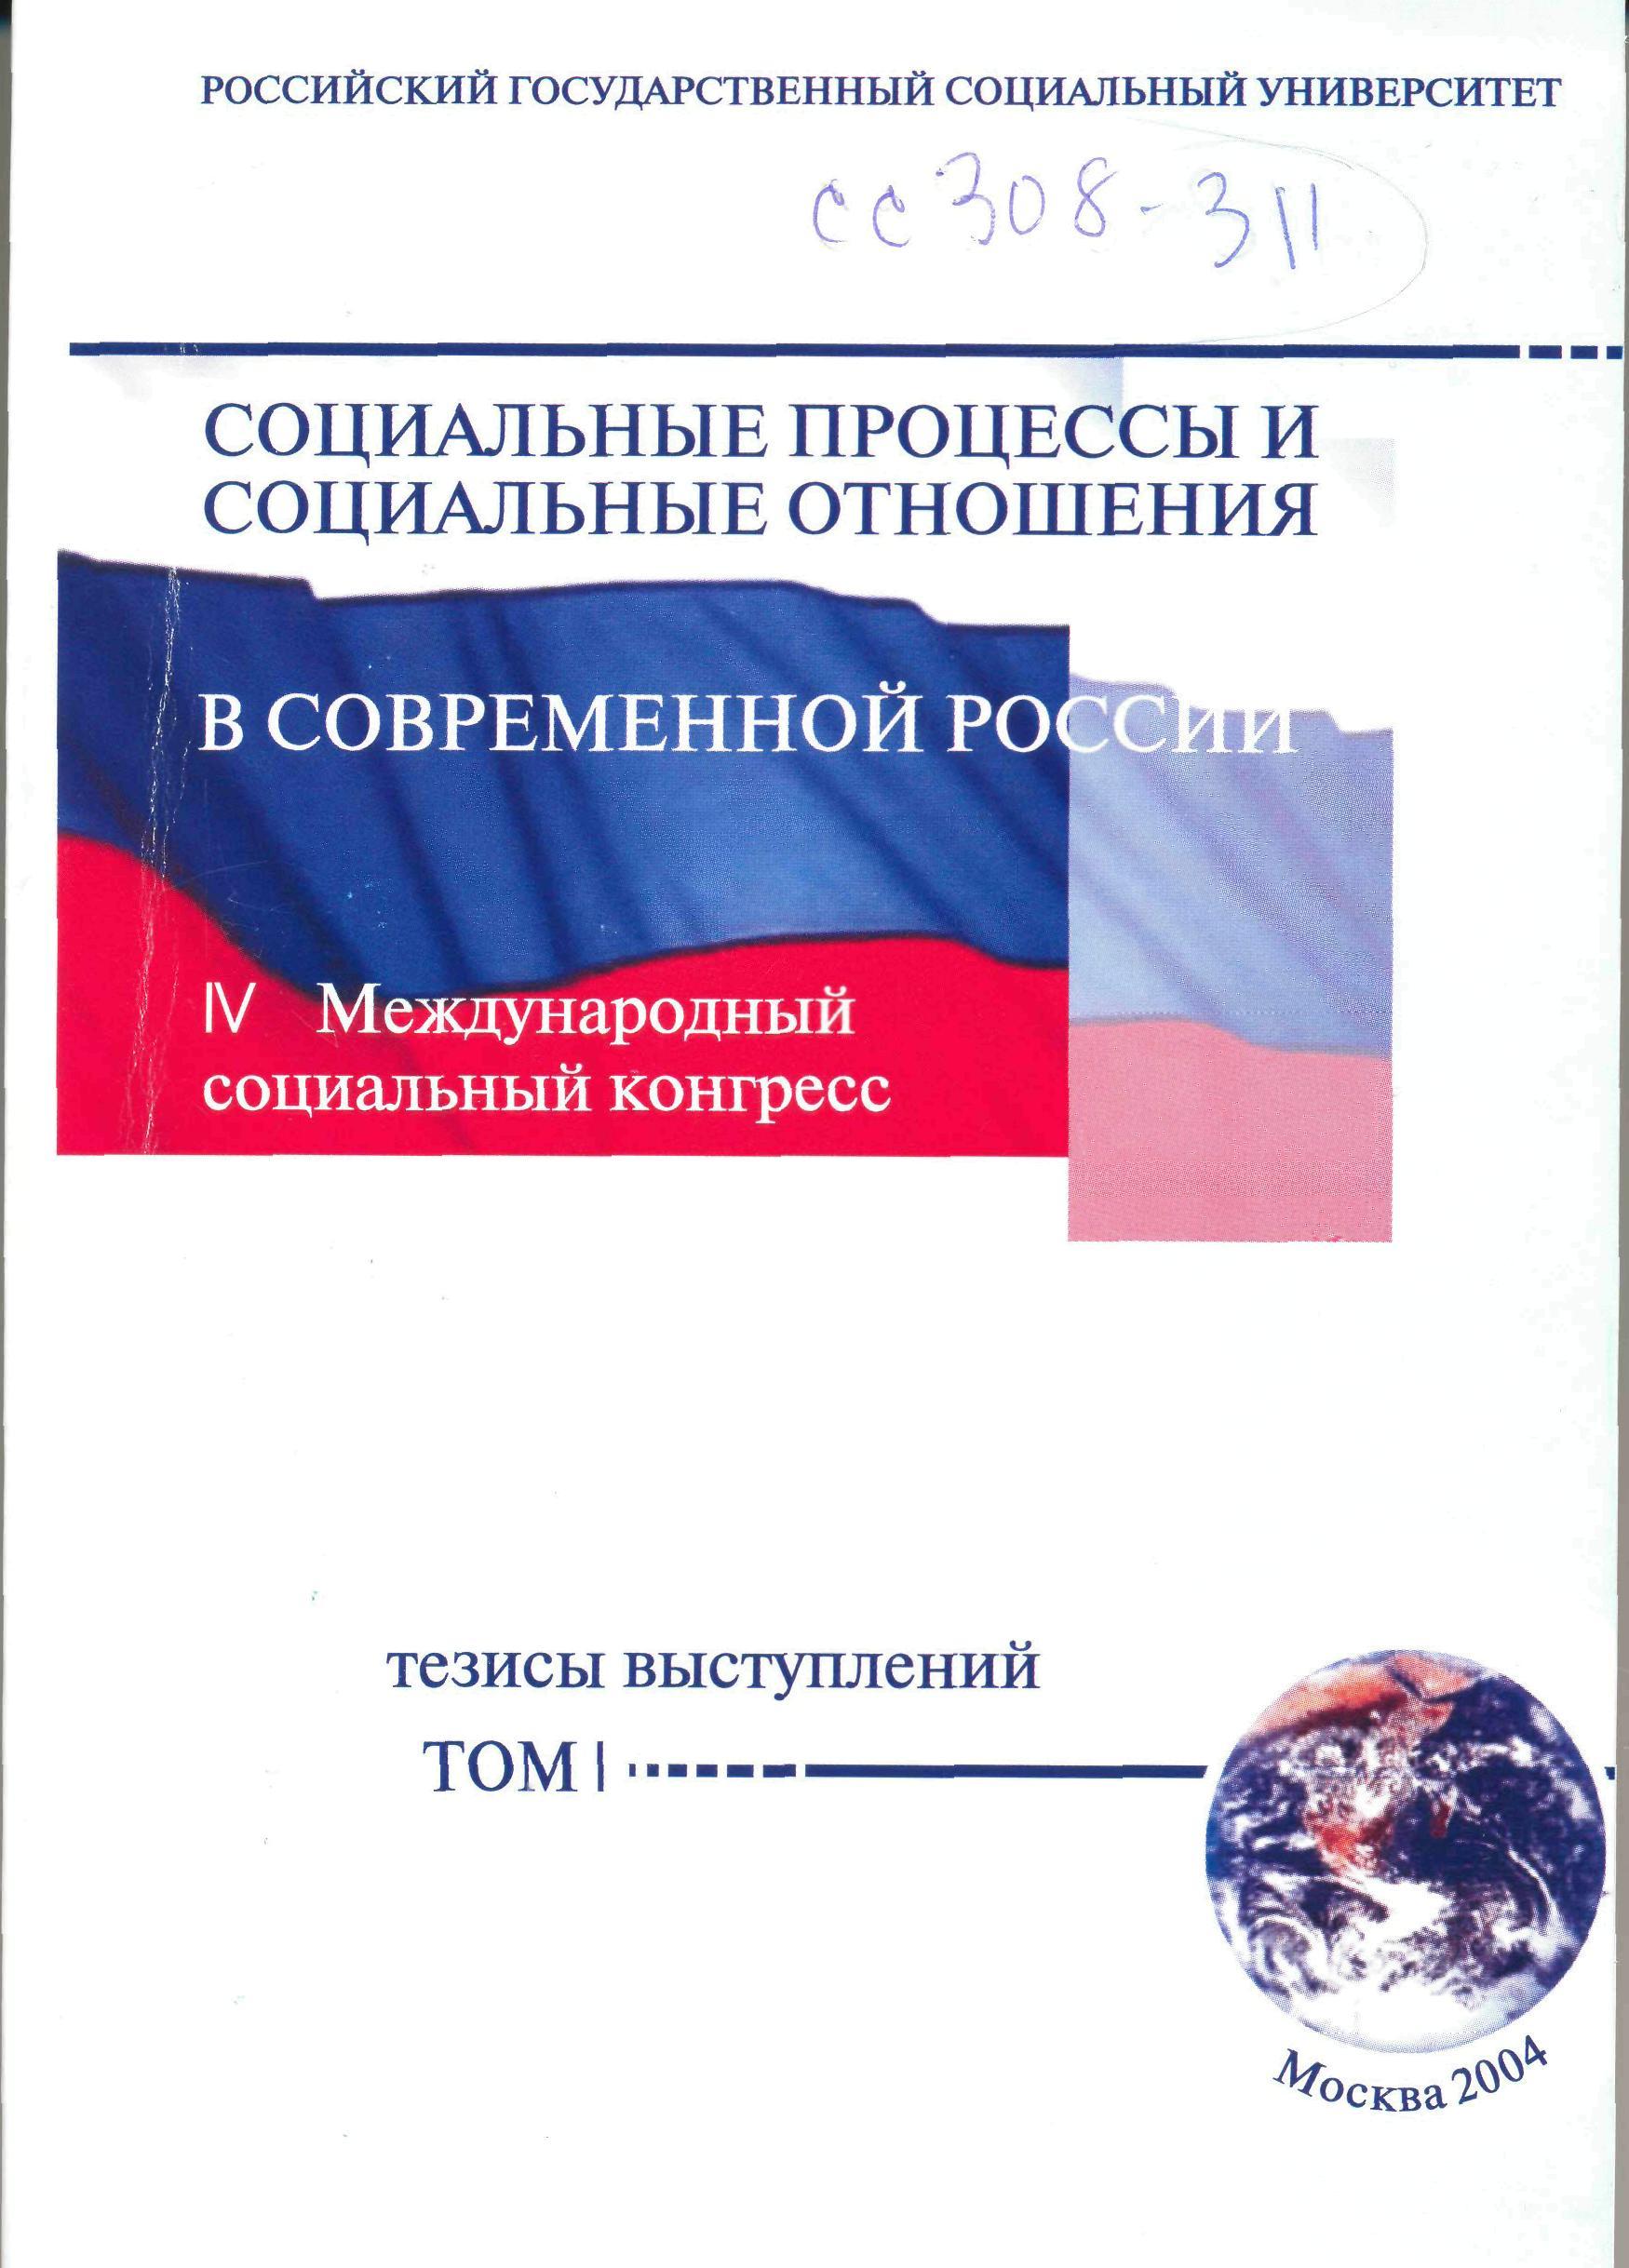 Социальные процессы и социальные отношения в современной России. IV Международный социальный конгресс